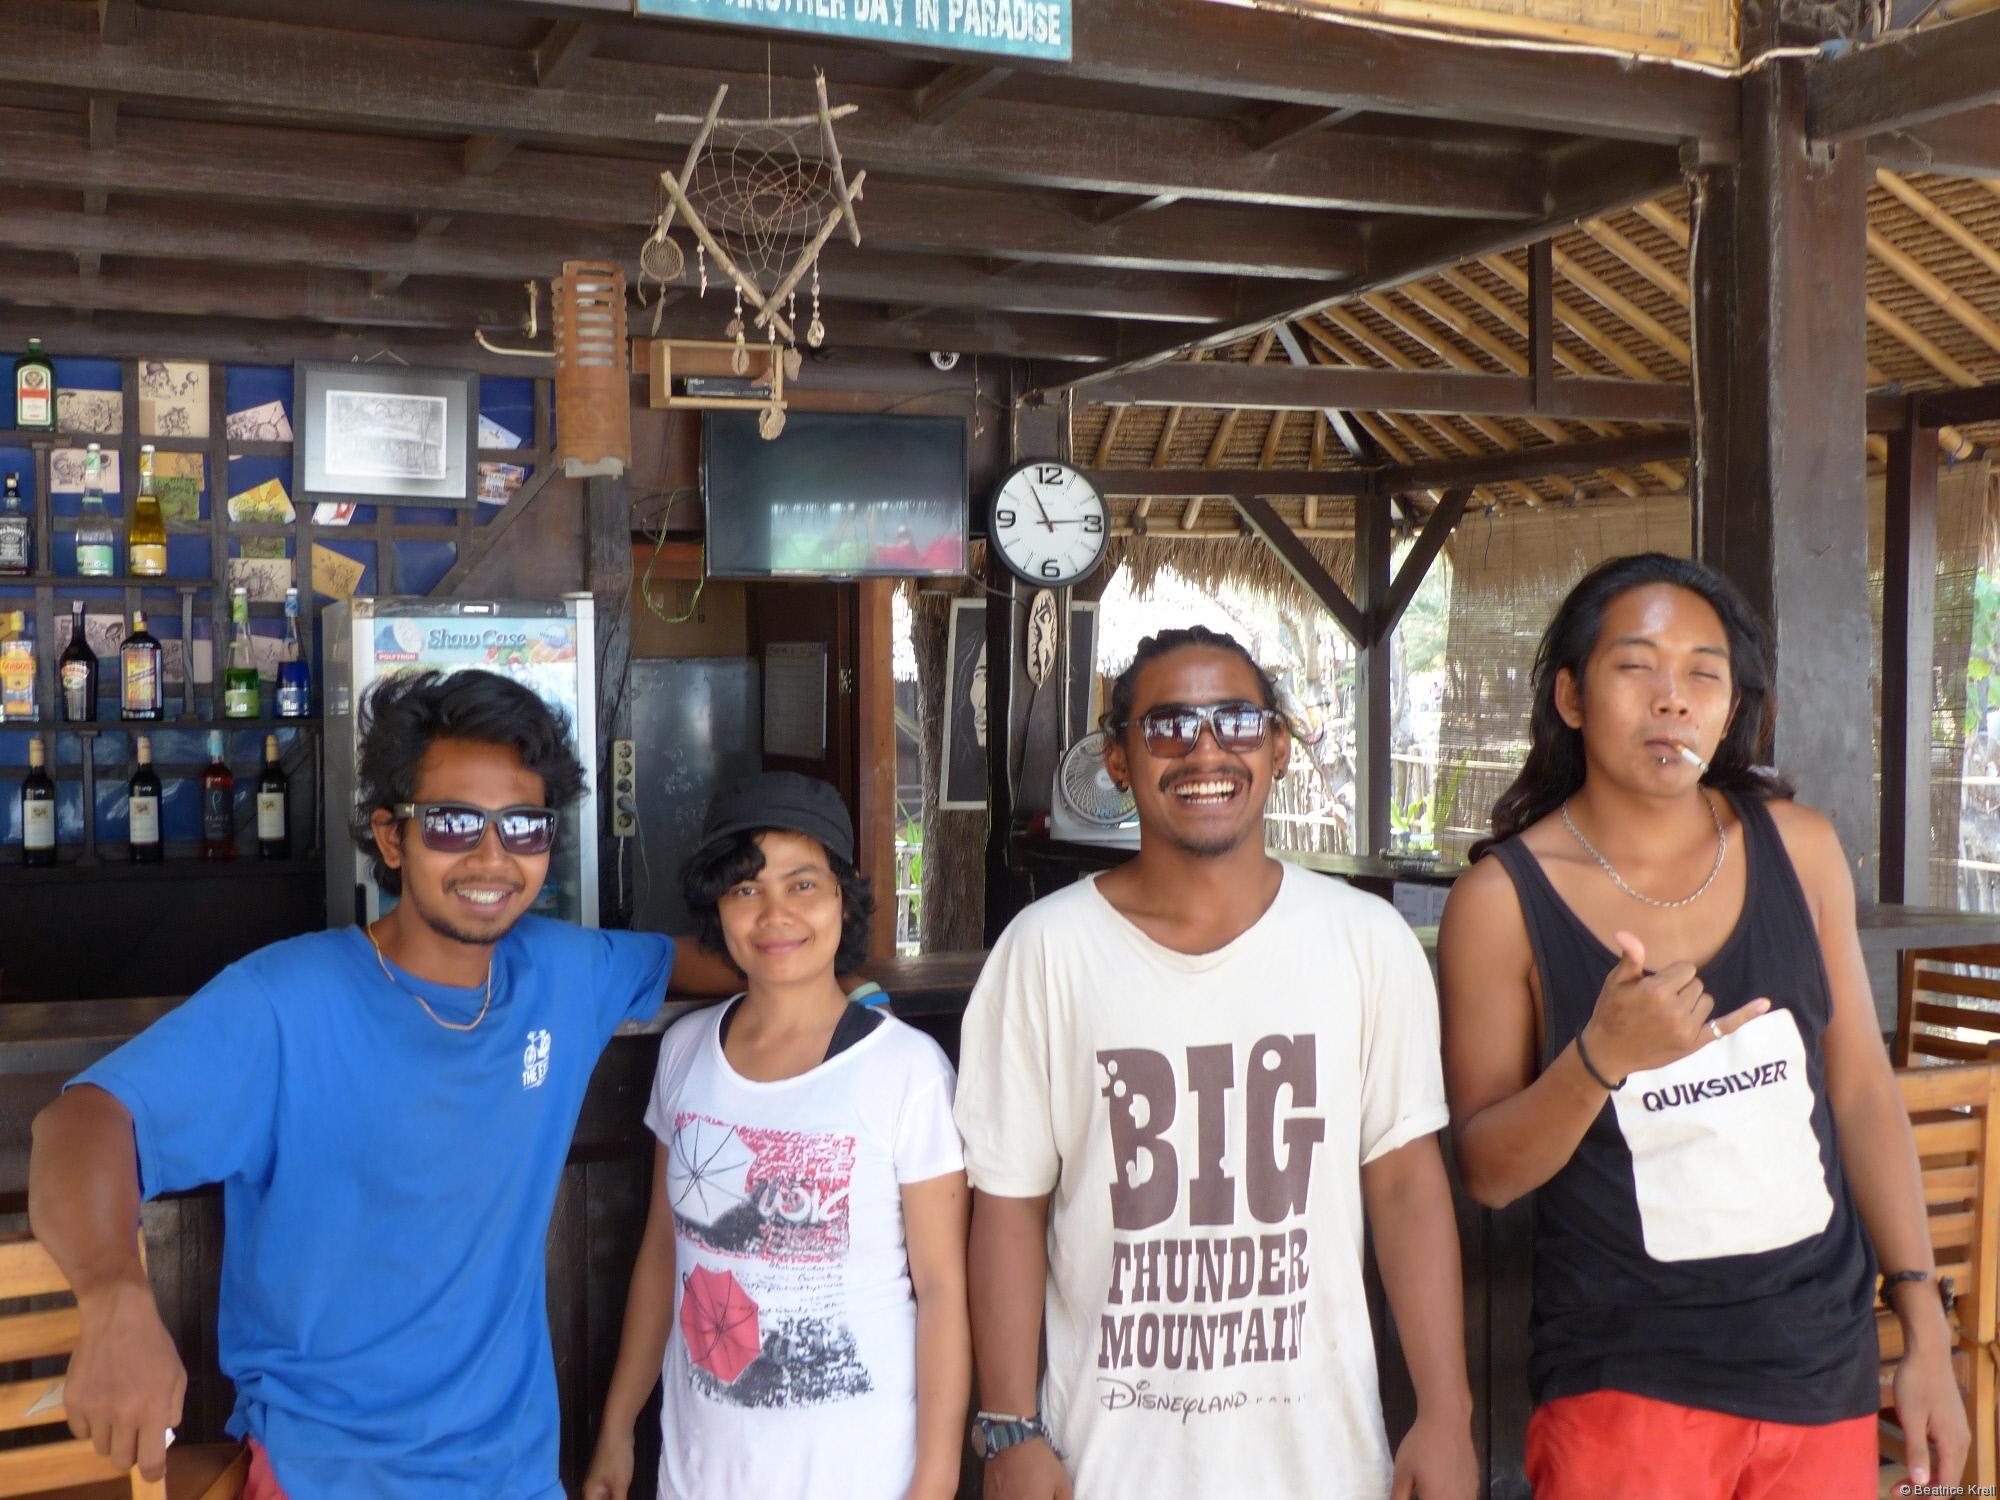 Ein kleiner Teil der Angestellten eines Hotels auf Gili T. in Indonesien